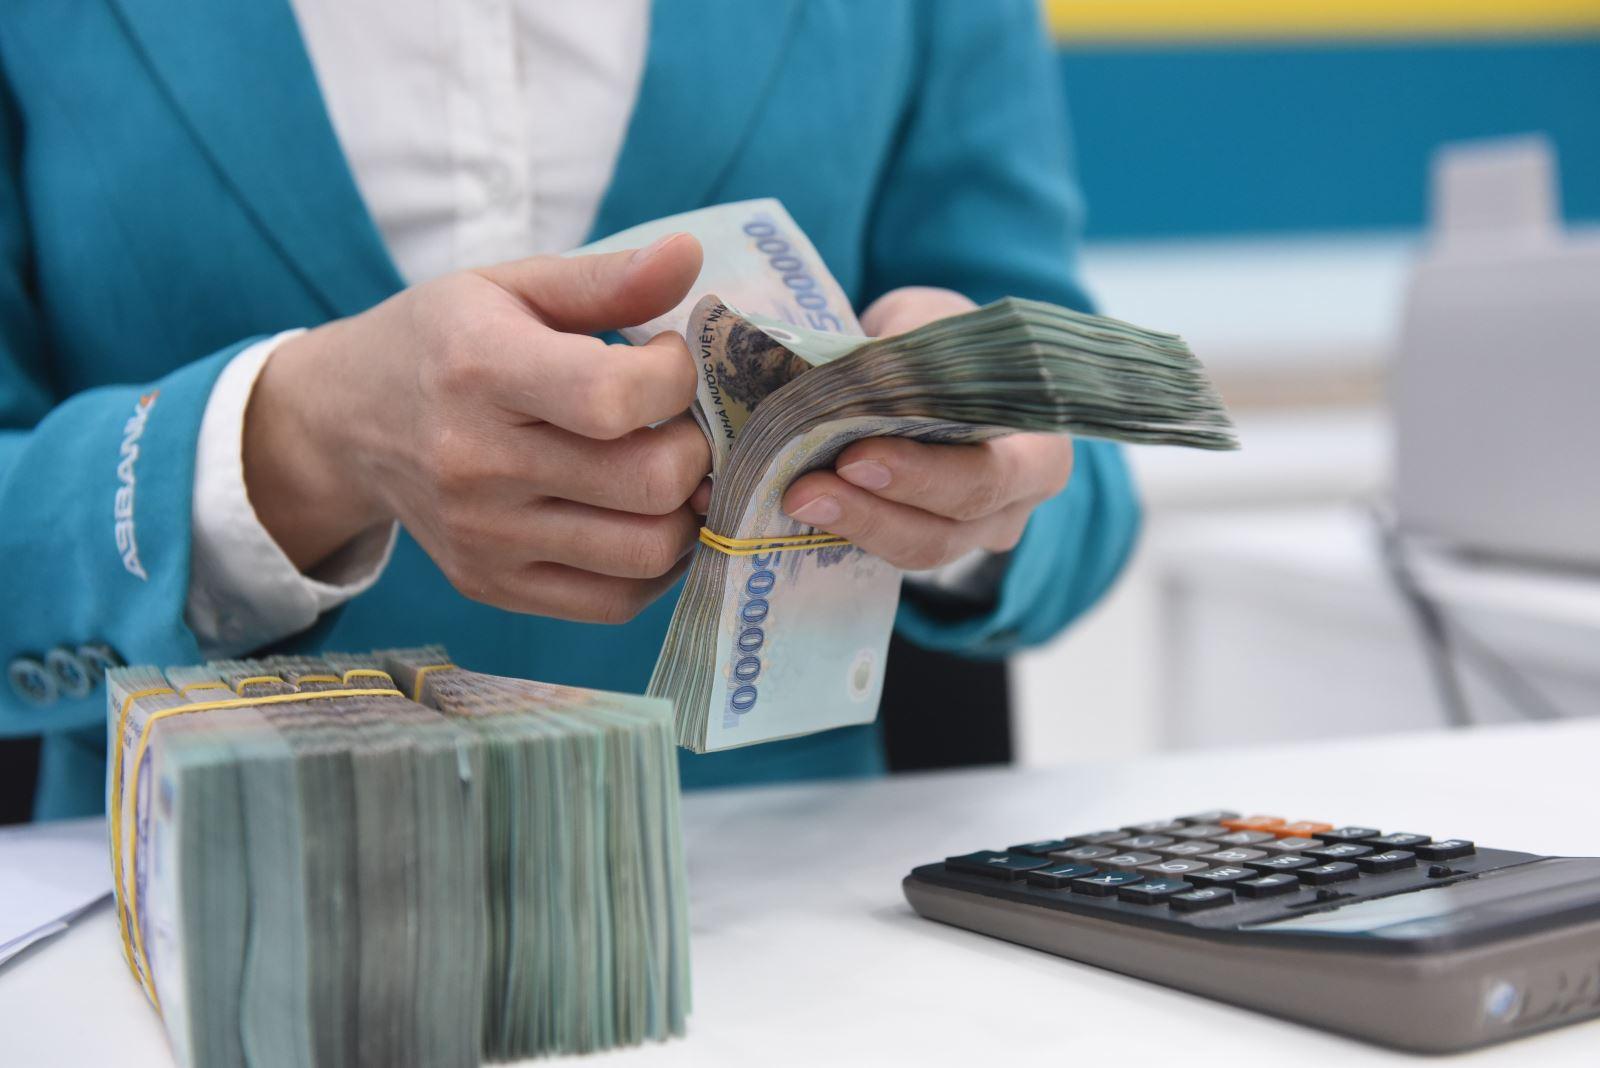 Người lao động cần làm gì khi chưa nhận tiền được hỗ trợ Covid-19? - Ảnh 1.